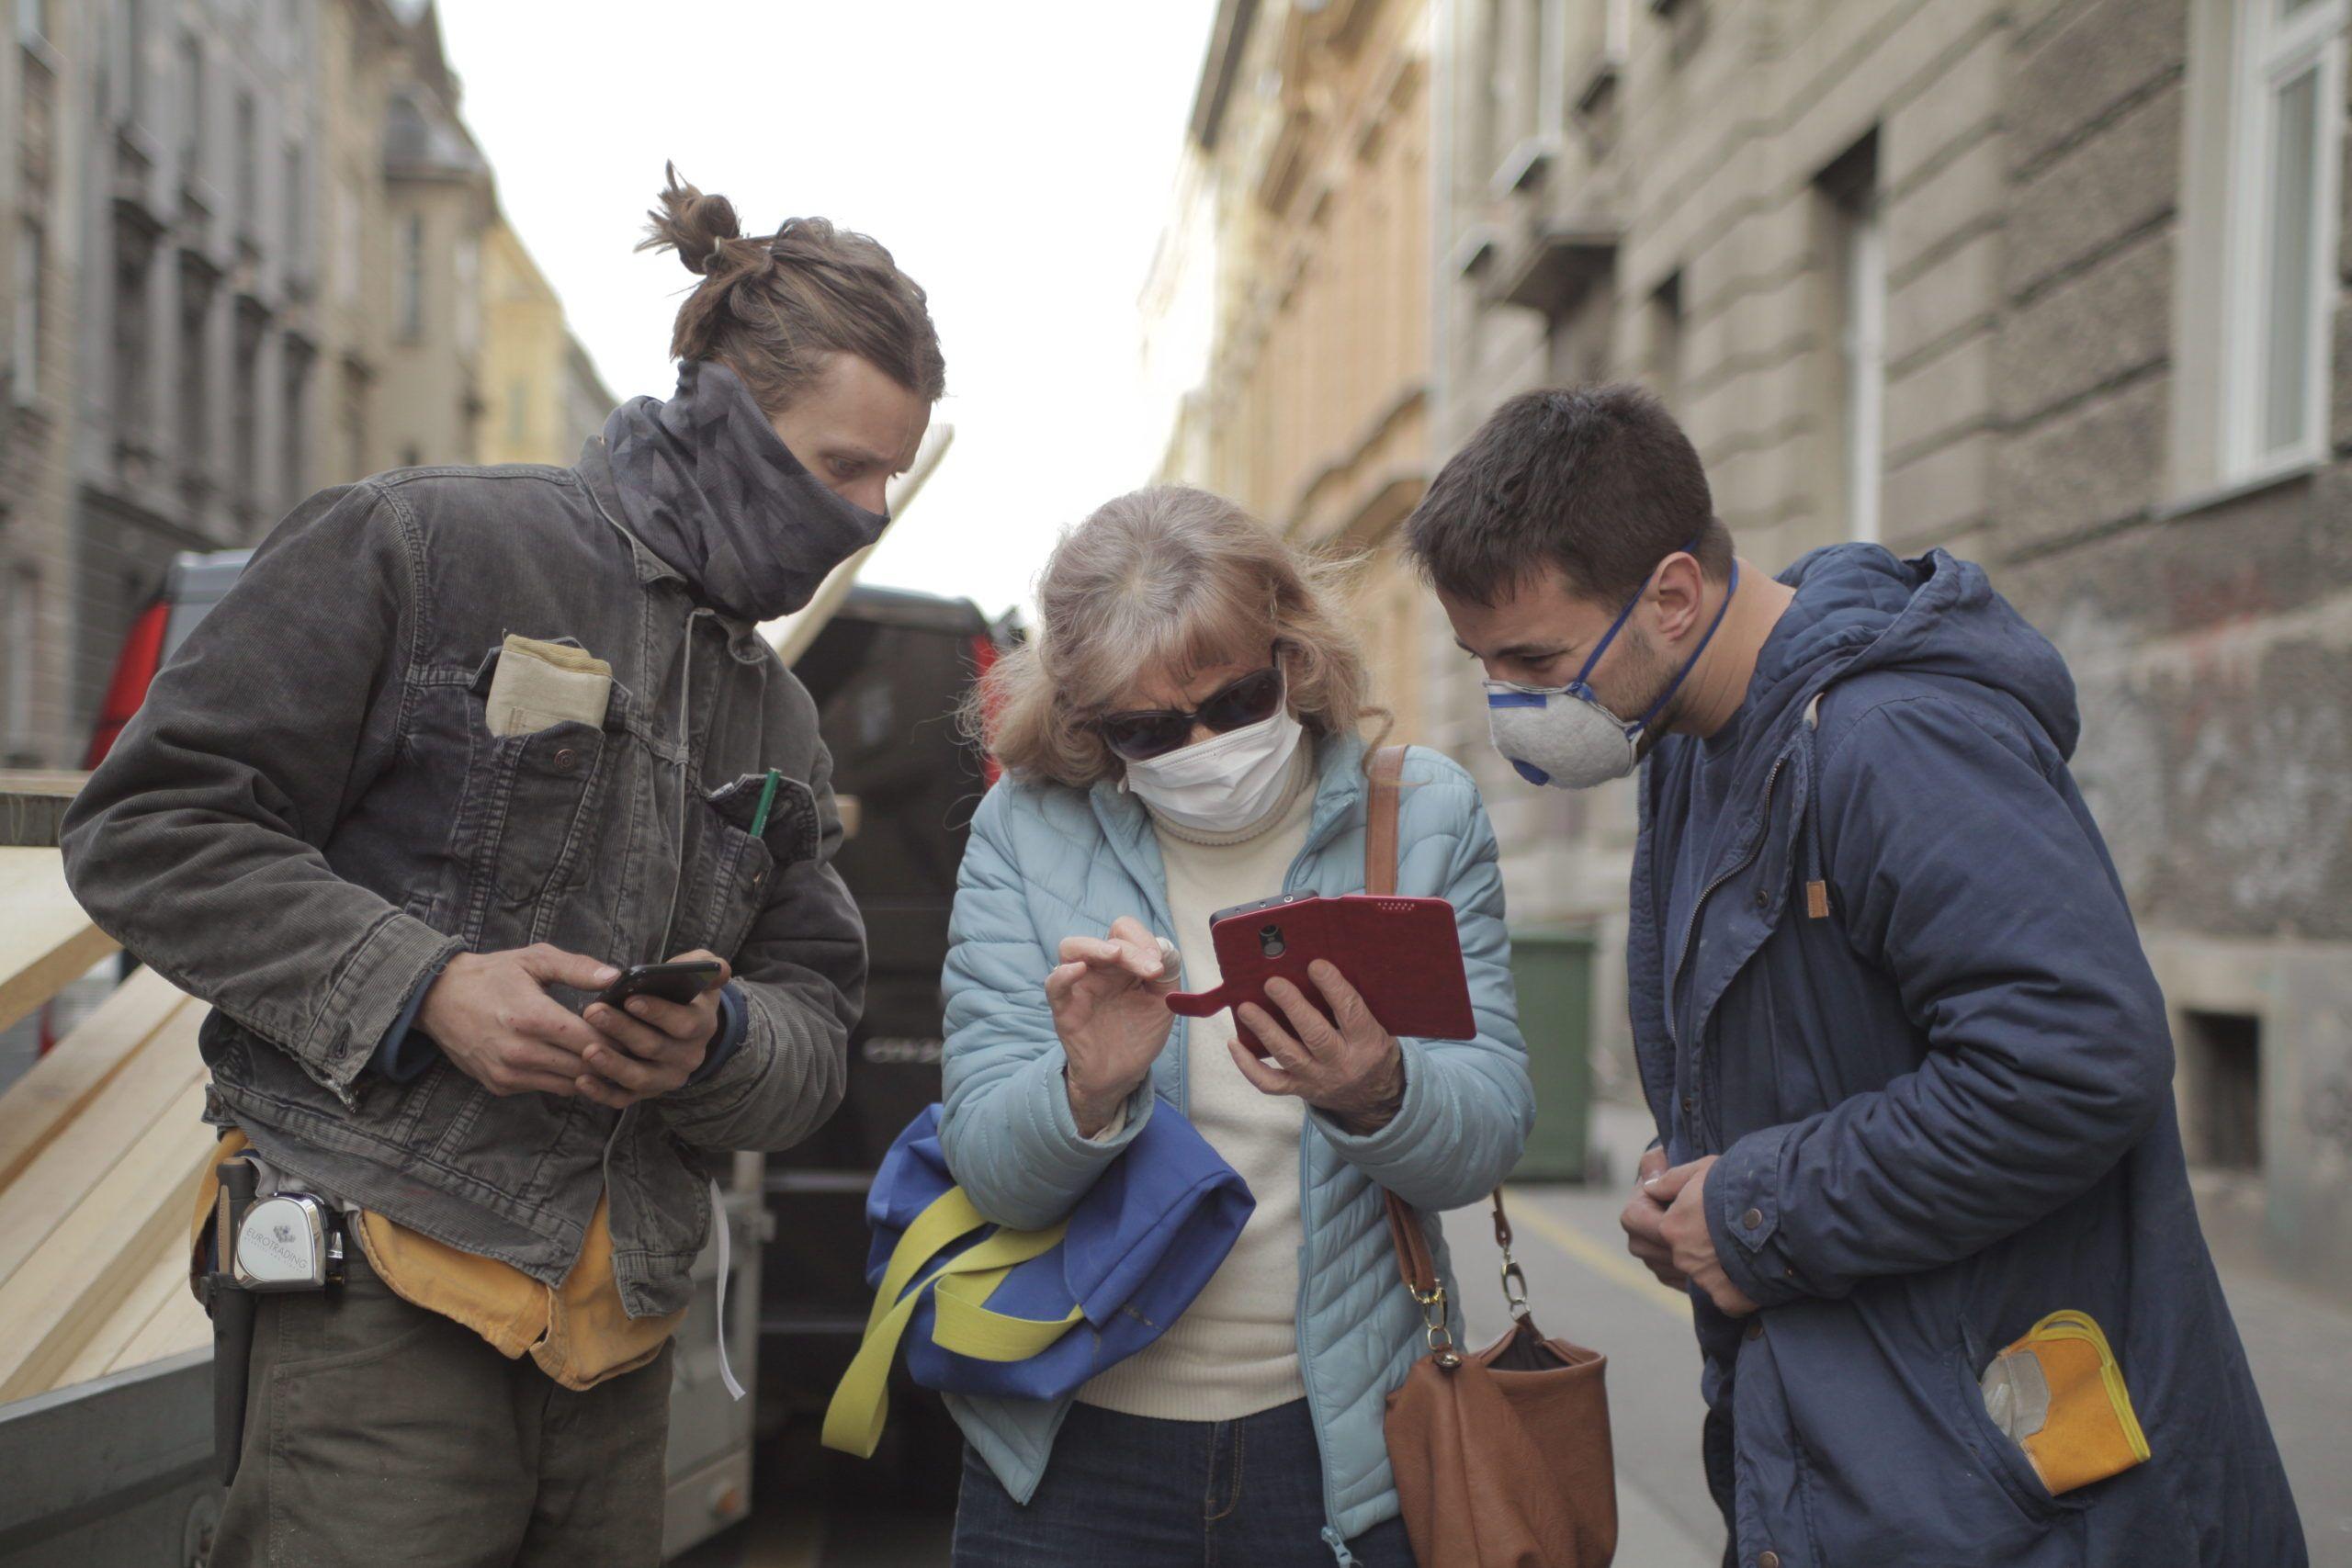 Zagrebački altruisti: saniraju krovove nakon potresa i ne traže nikakav novac